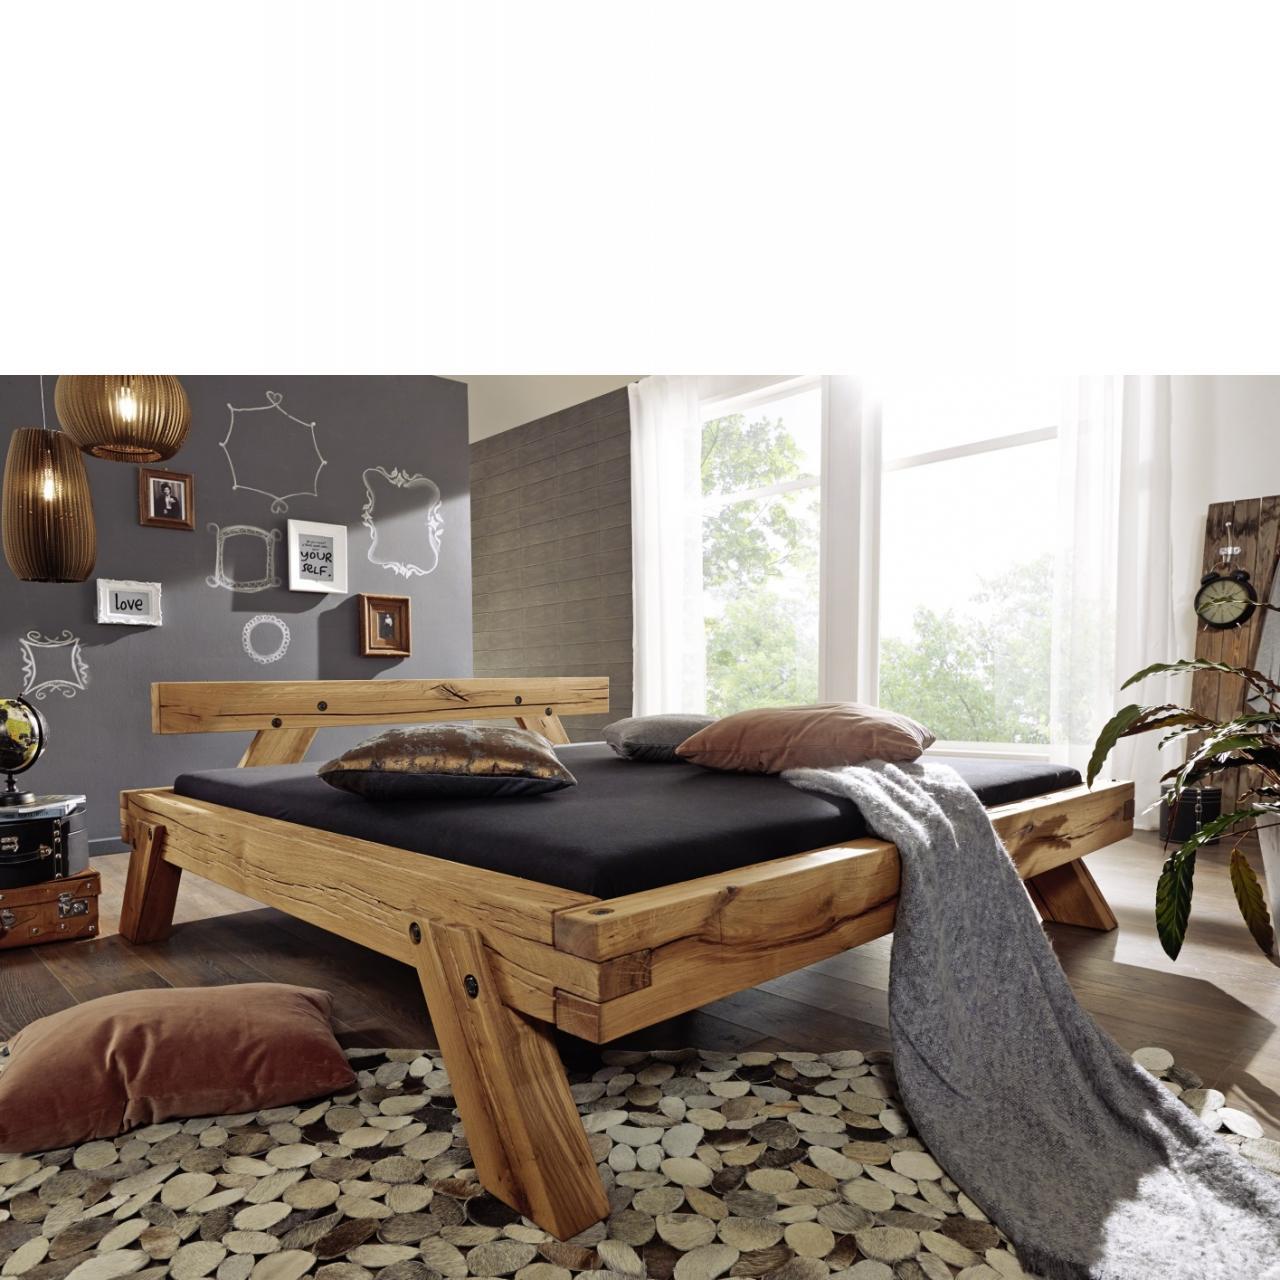 Full Size of Ausziehbares Bett Weiß 100x200 160x200 Mit Lattenrost Und Matratze 180x200 Billige Betten 140x200 Für Teenager übergewichtige 90x190 220 X Barock Bett Bett 180x200